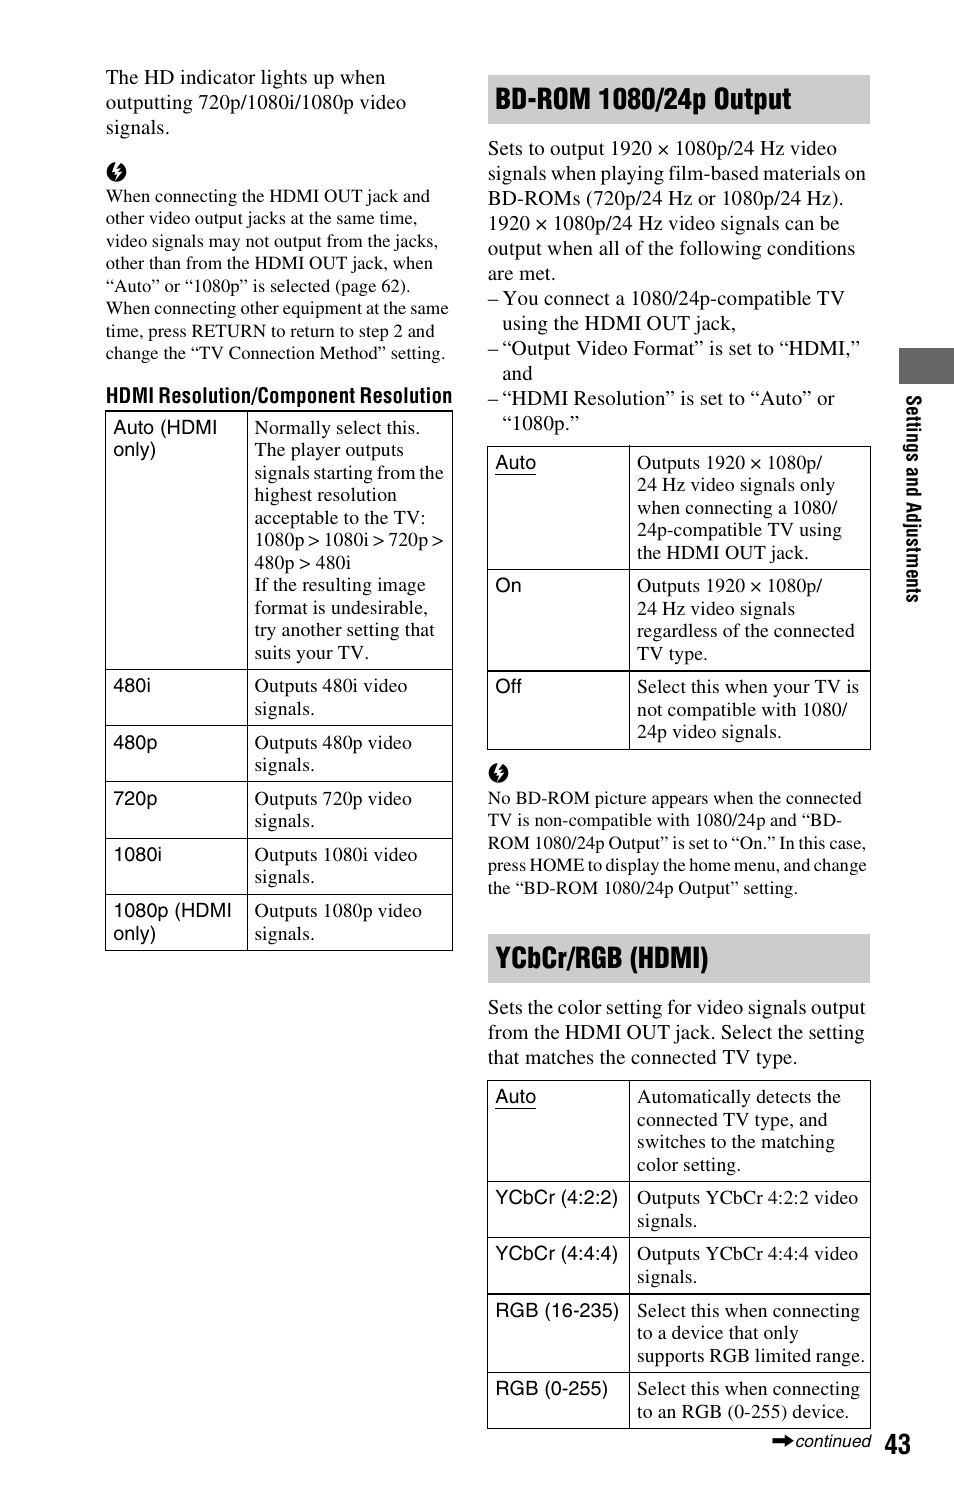 2003 mazda prot eacute g eacute 5 owners manual